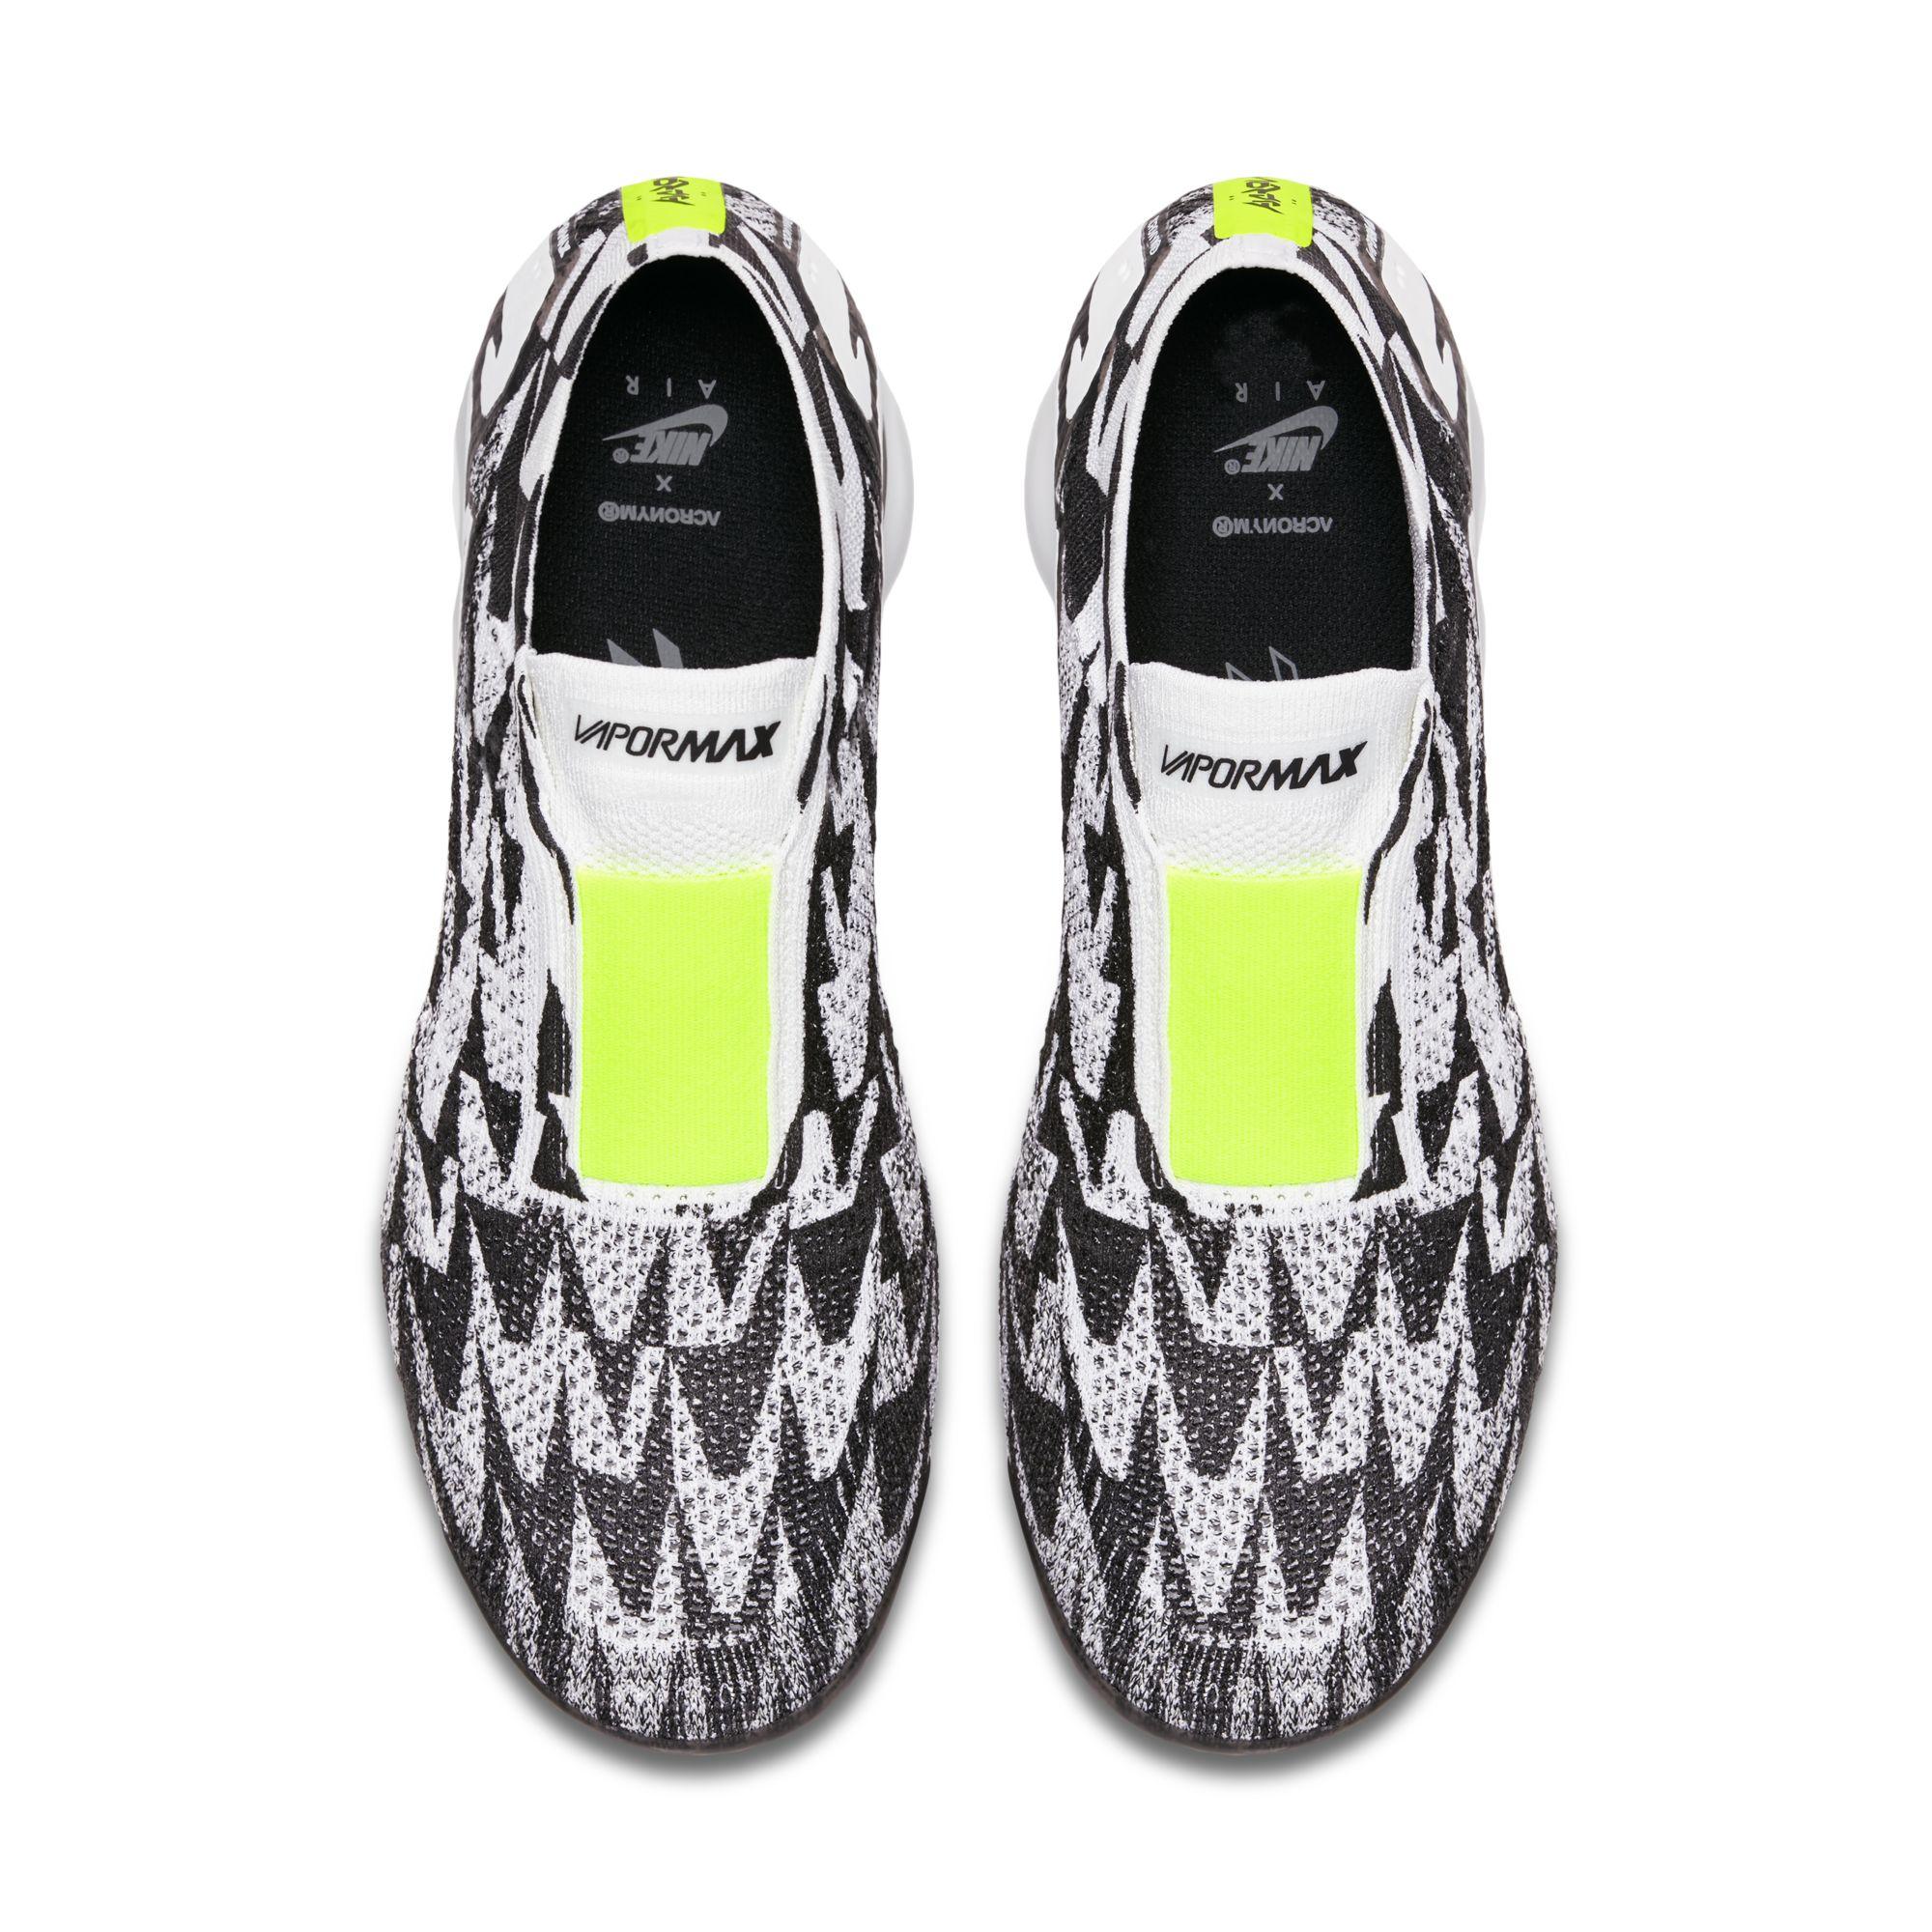 b0e2d6c158 ACRONYM Nike air Vapormax Moc 2 2 - WearTesters